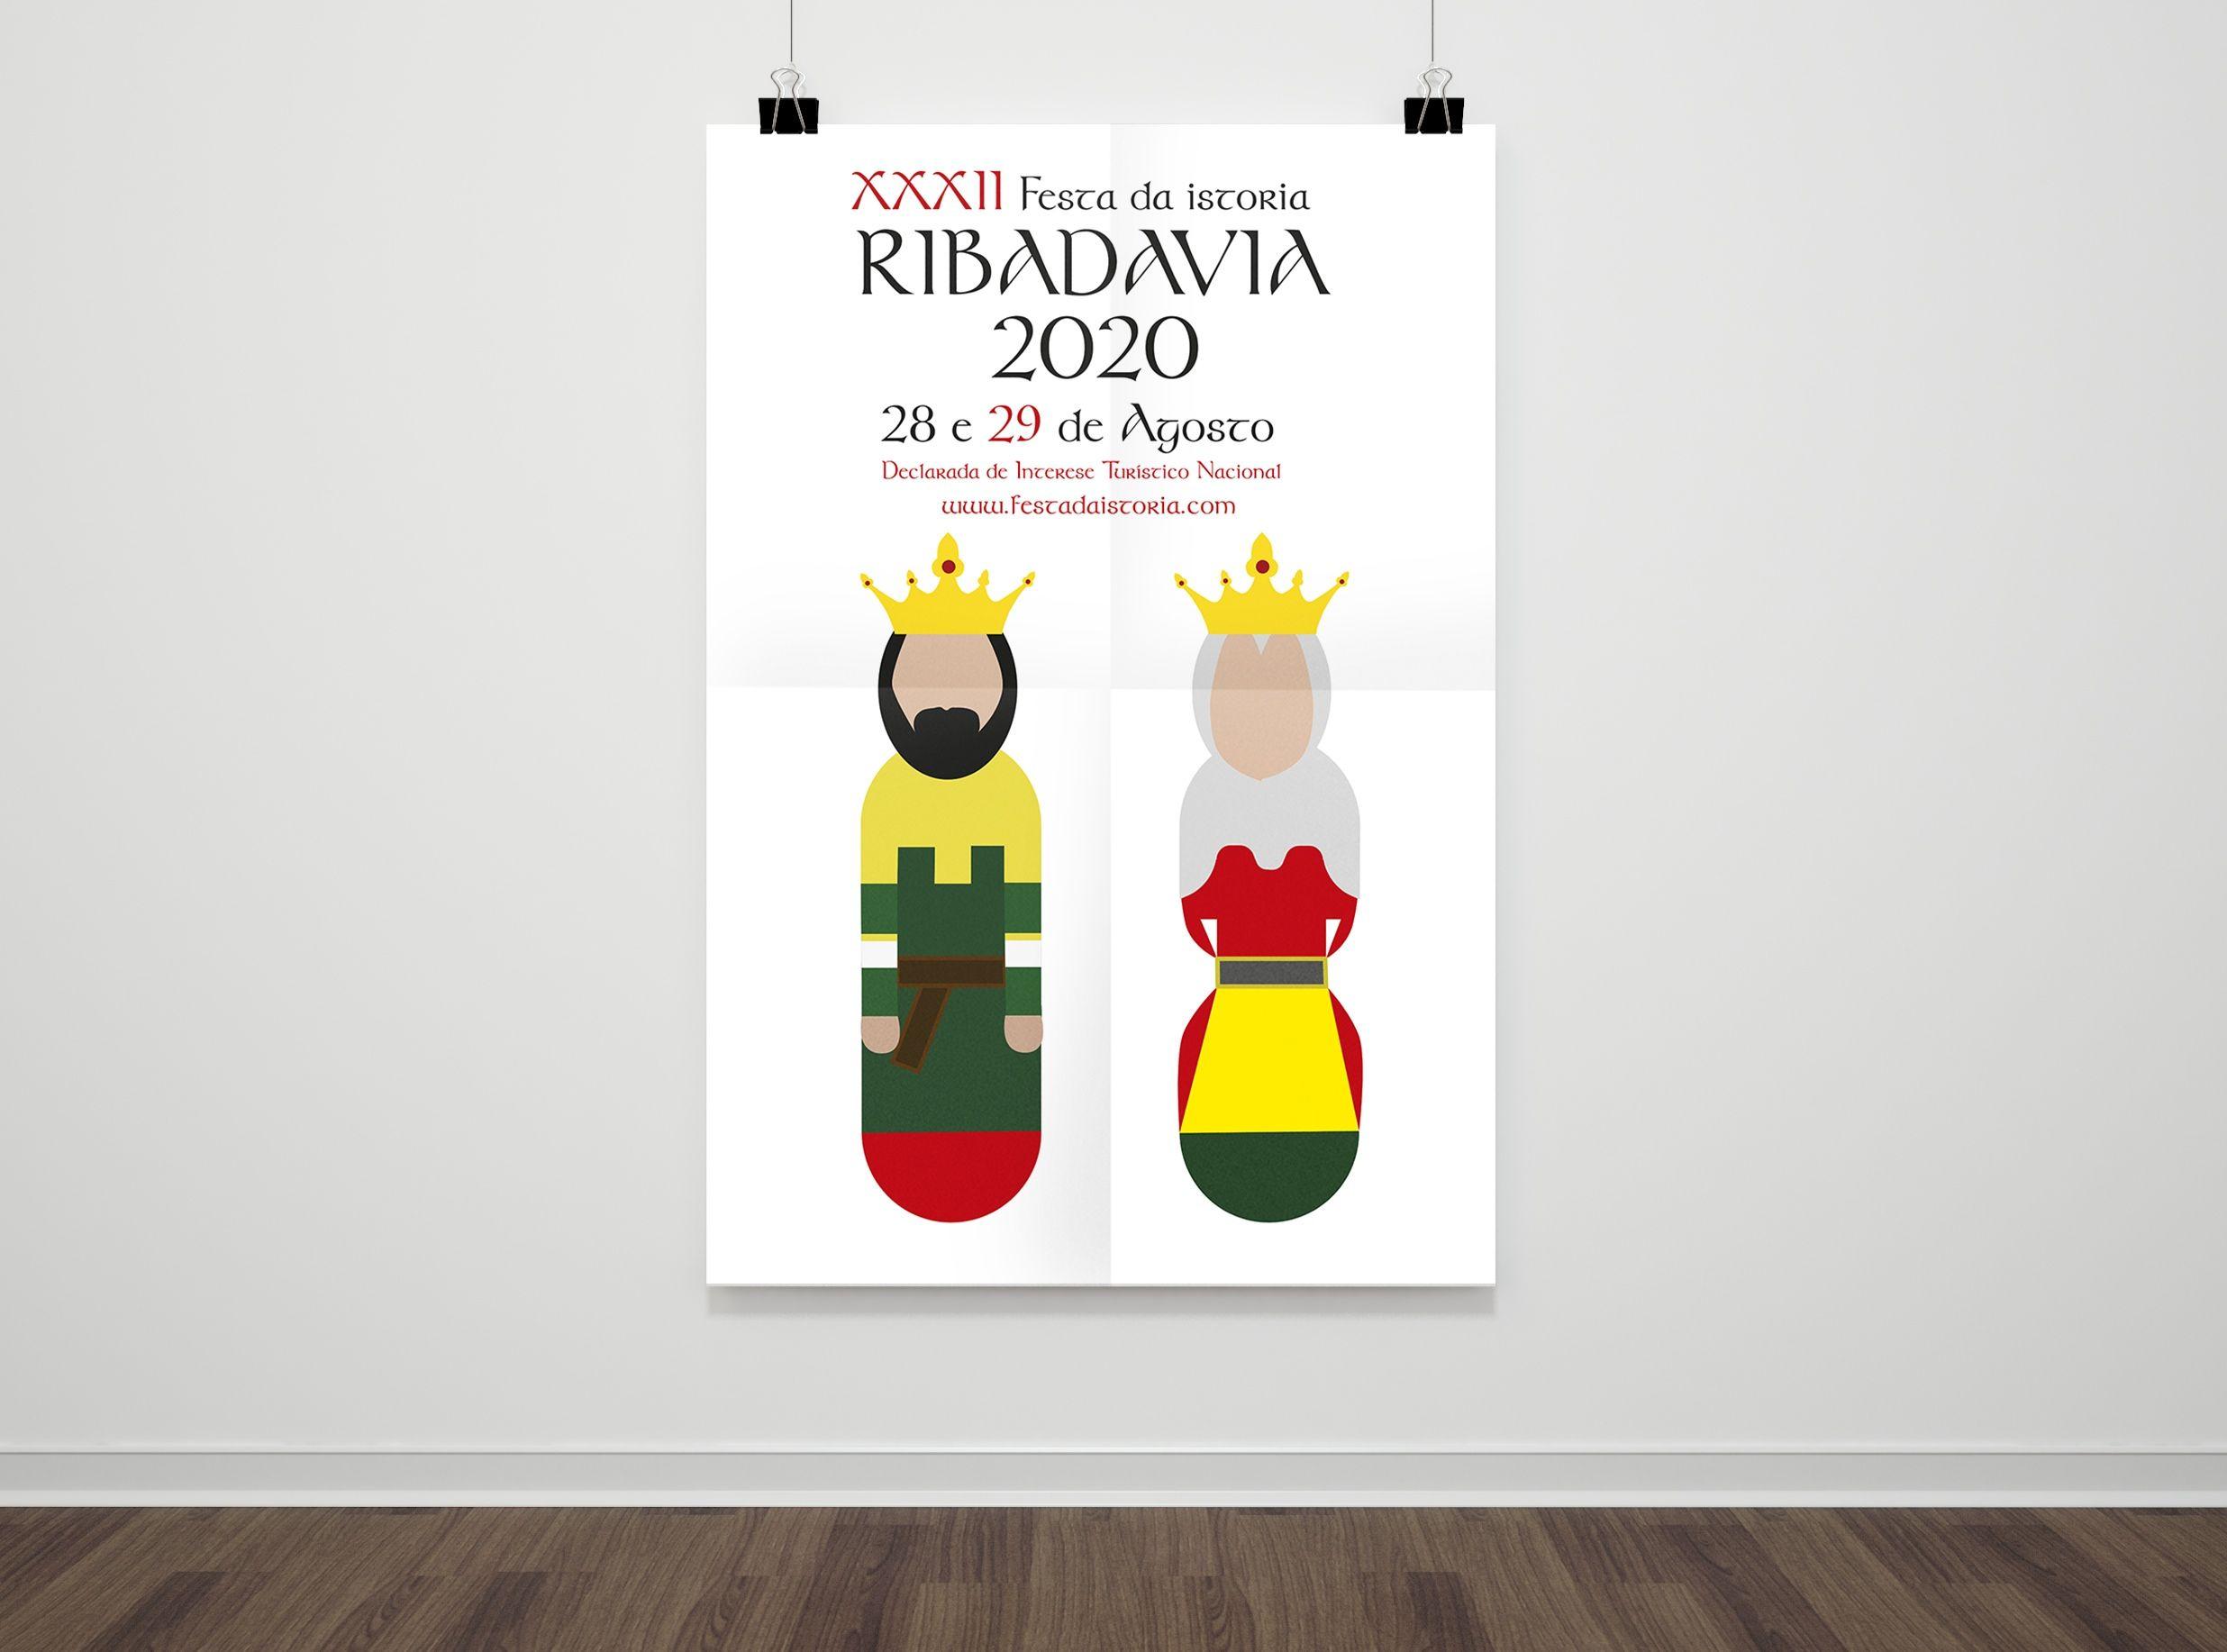 Cartel de las fiestas de Ribadavia 2020, obra de la estudiante de Diseño de la CEU UCH Marina Redondo.